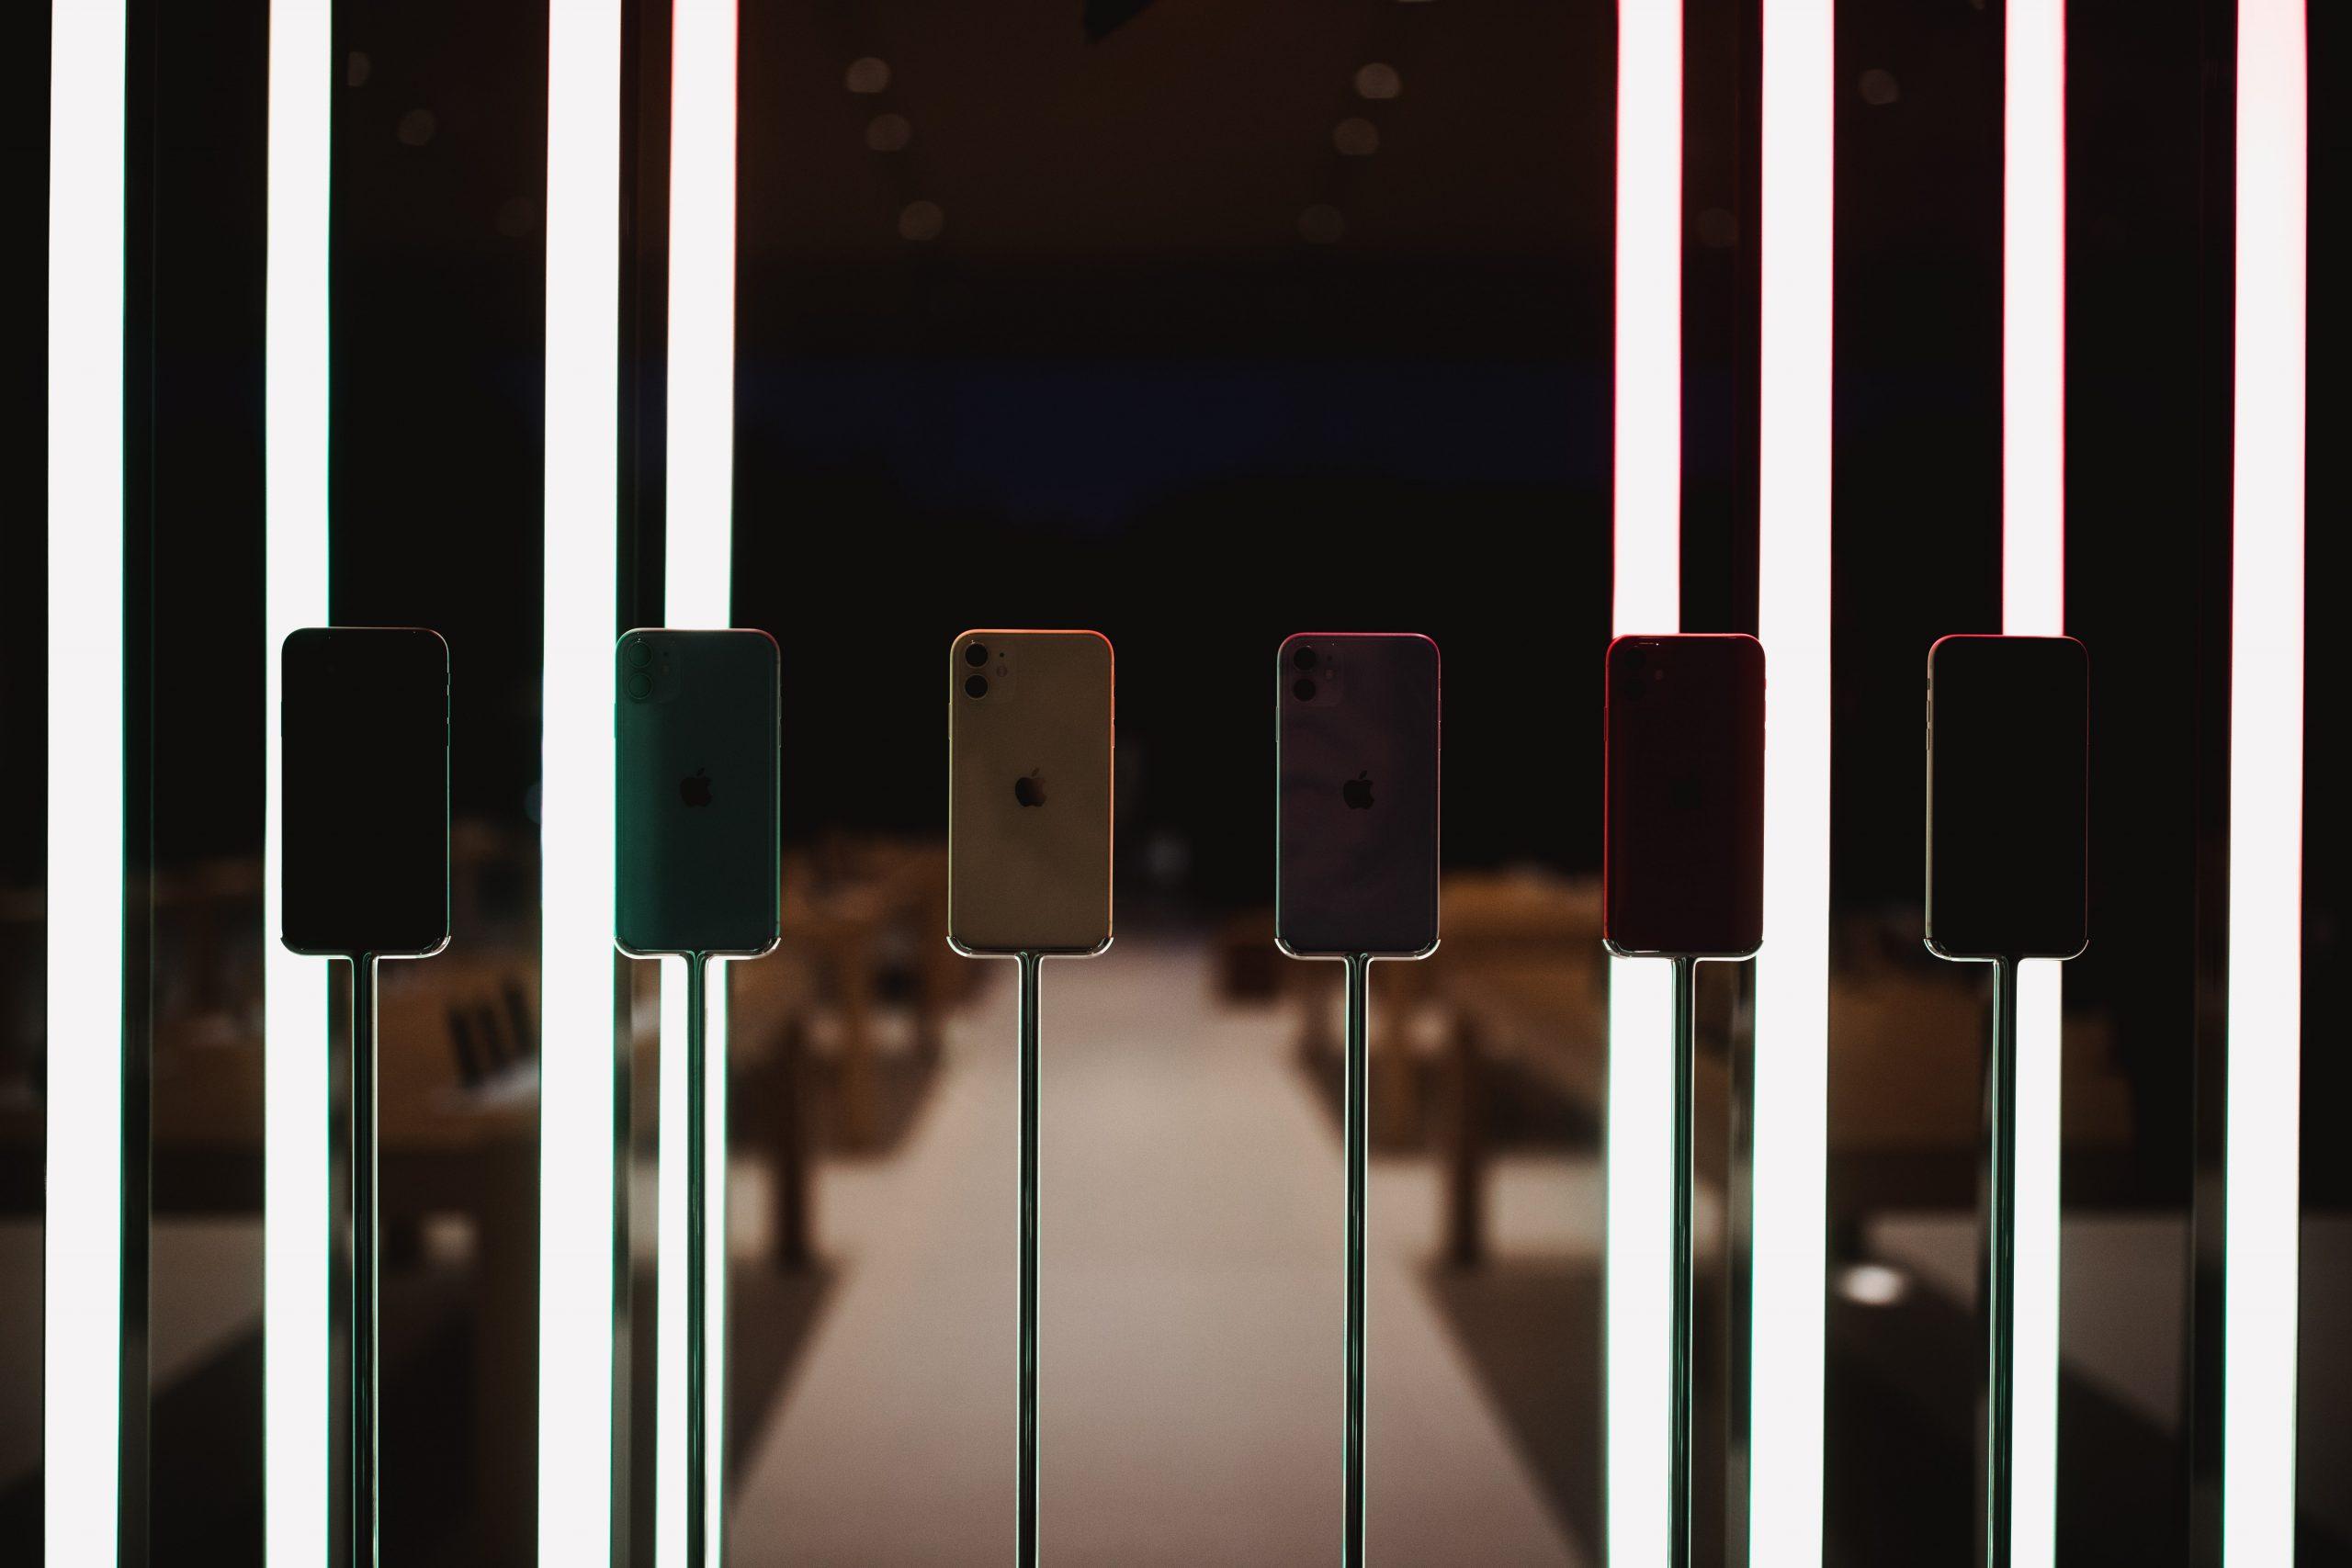 「iPhone 12」シリーズ、価格は649ドル(約72,800円)から――著名リーカーが報告